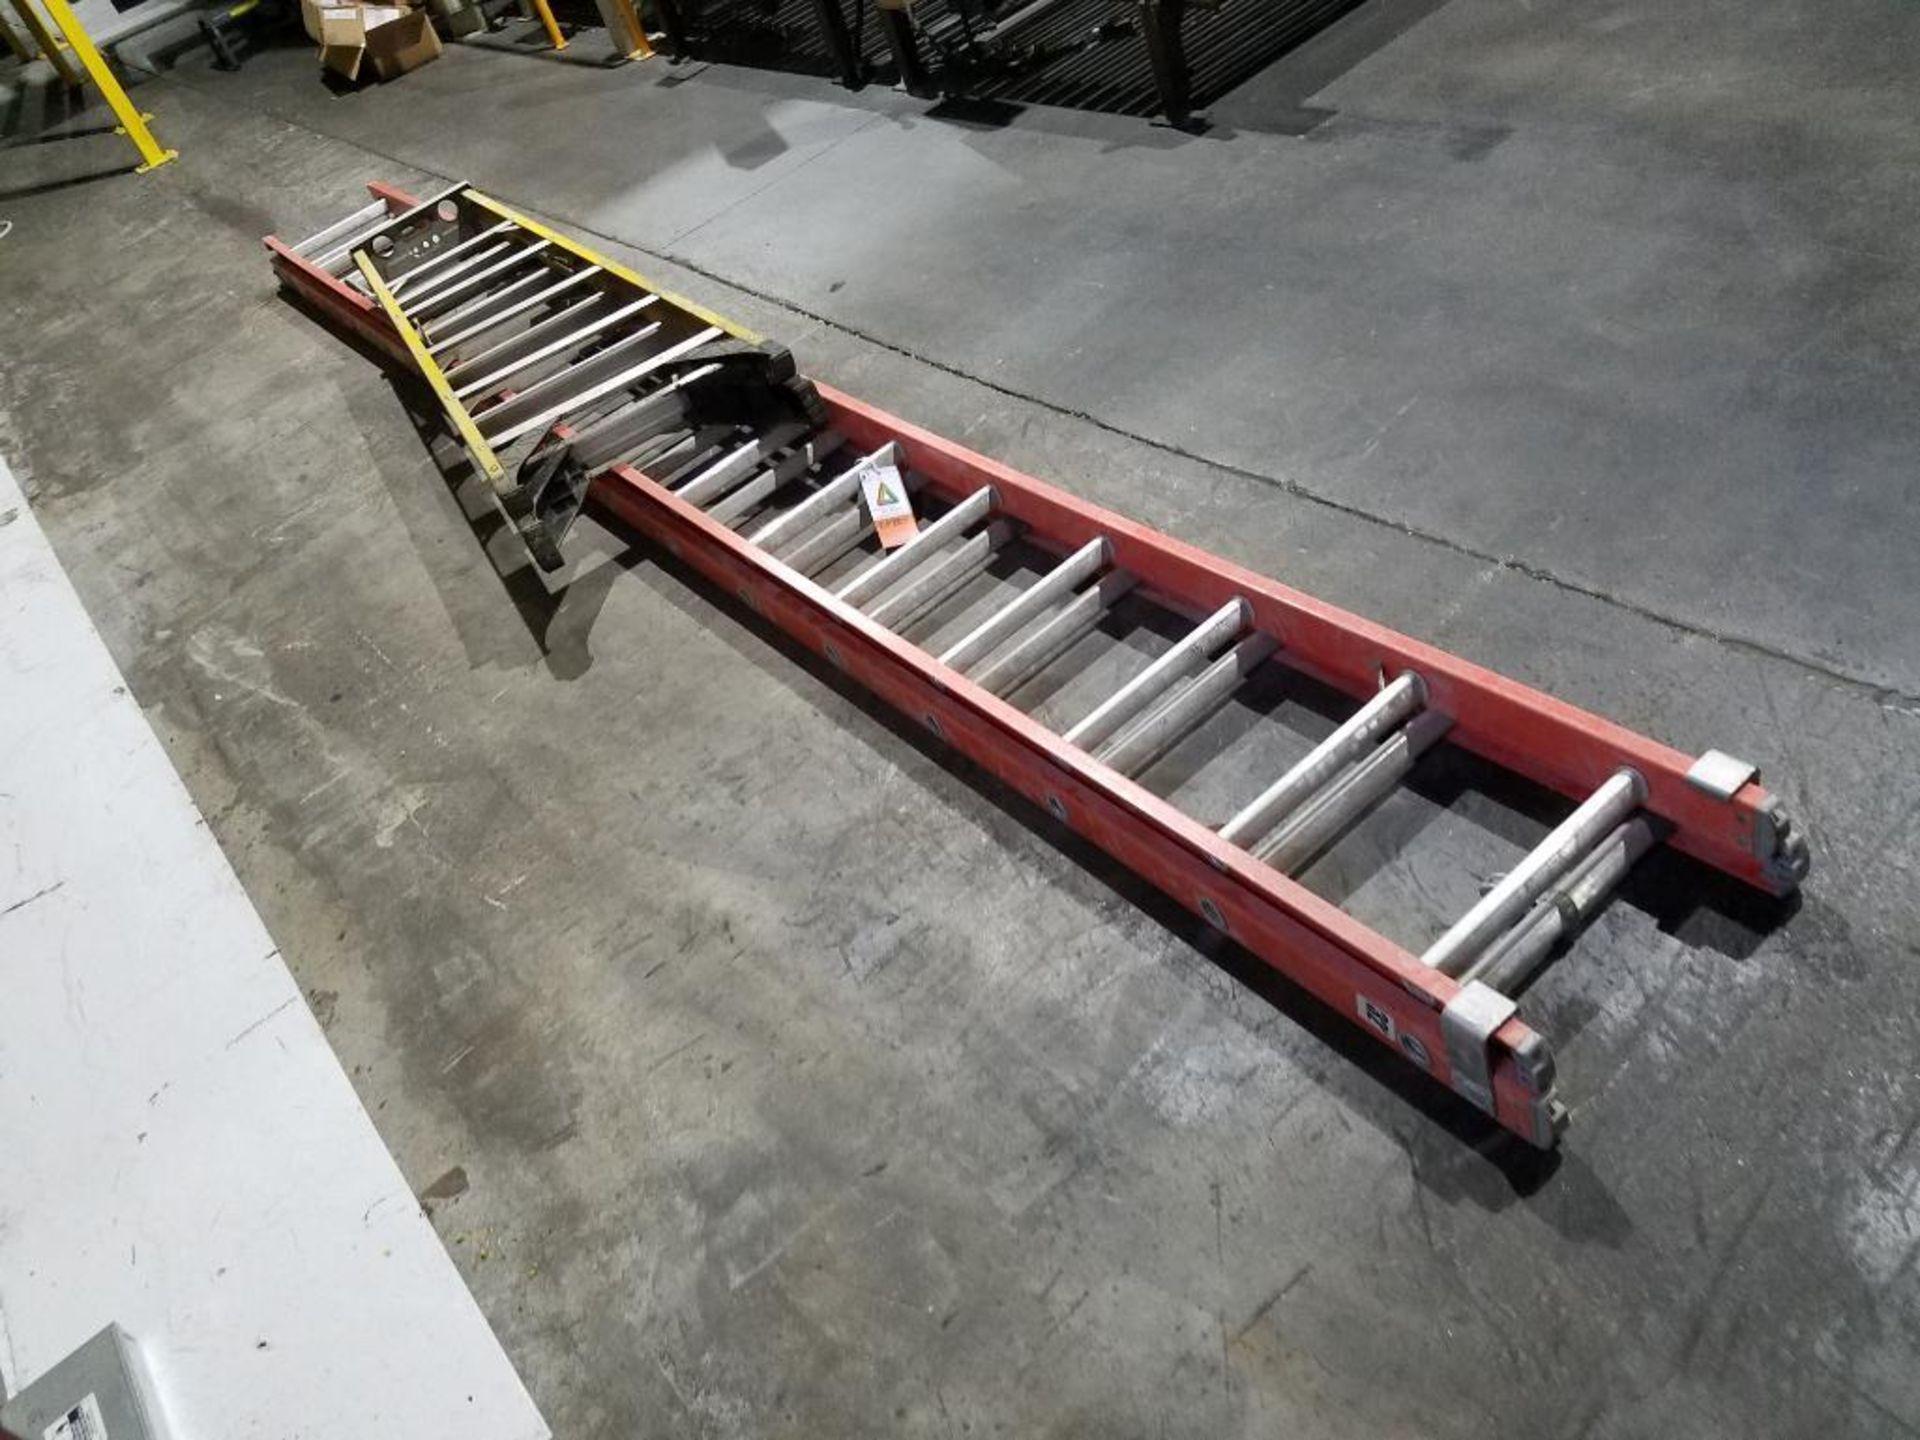 Werner 6 ft. step ladder and Louisville 32 ft. extension ladder